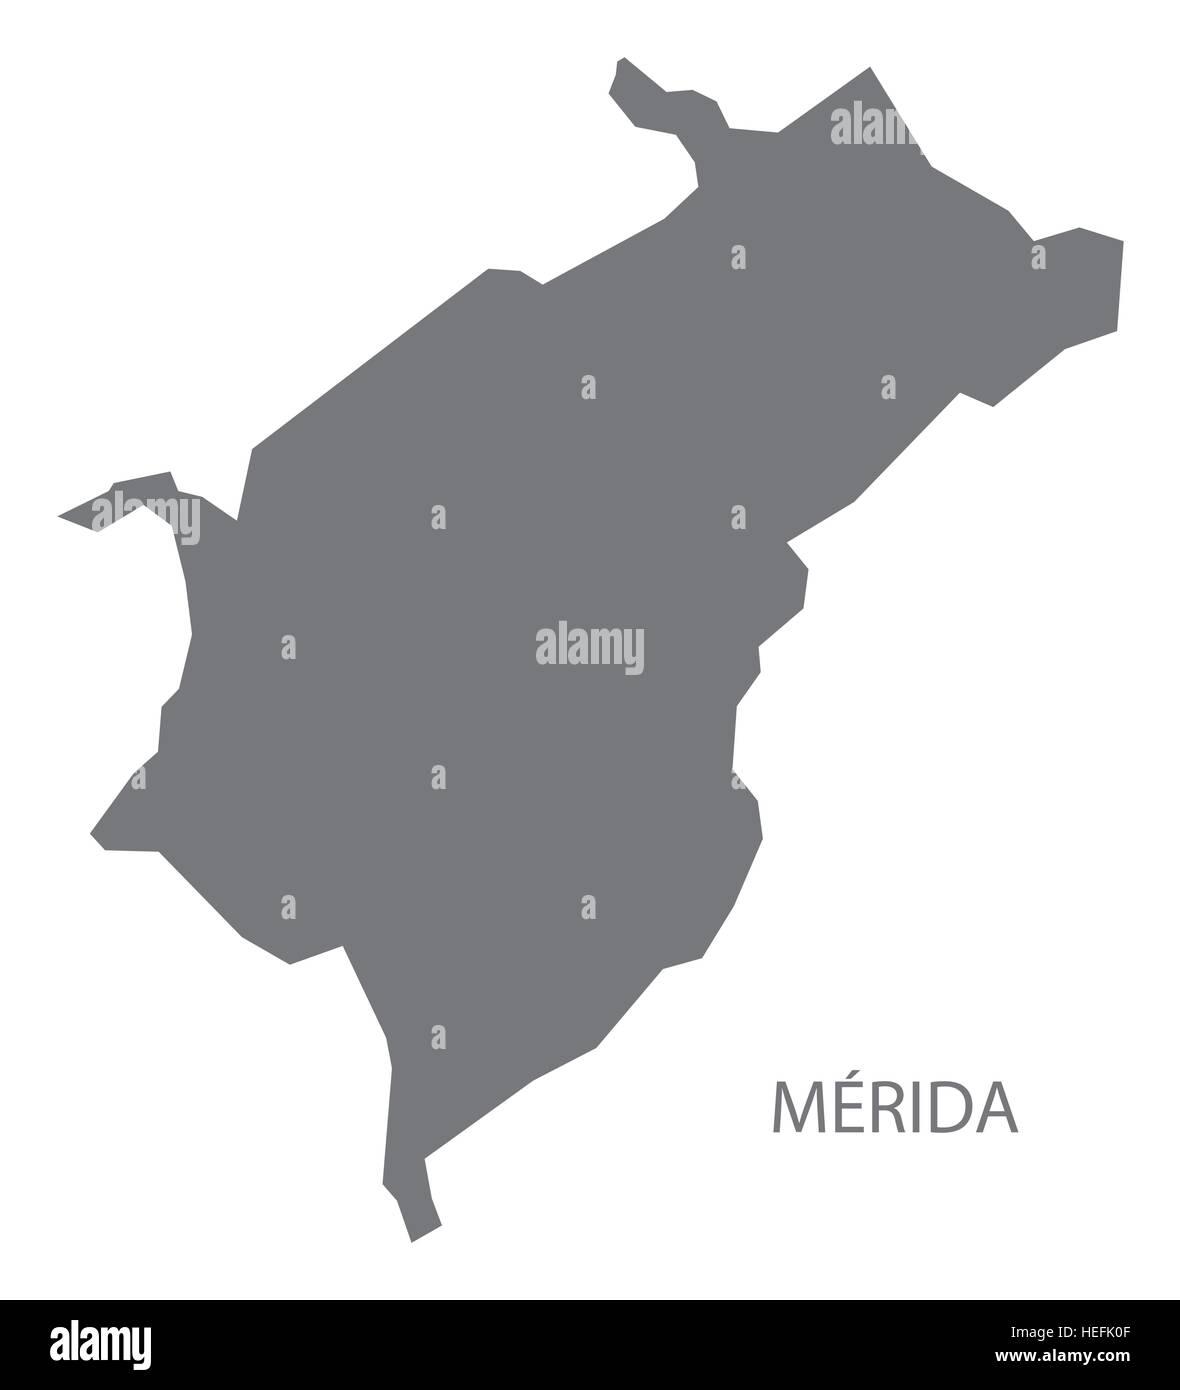 Merida Venezuela Map in grey Stock Vector